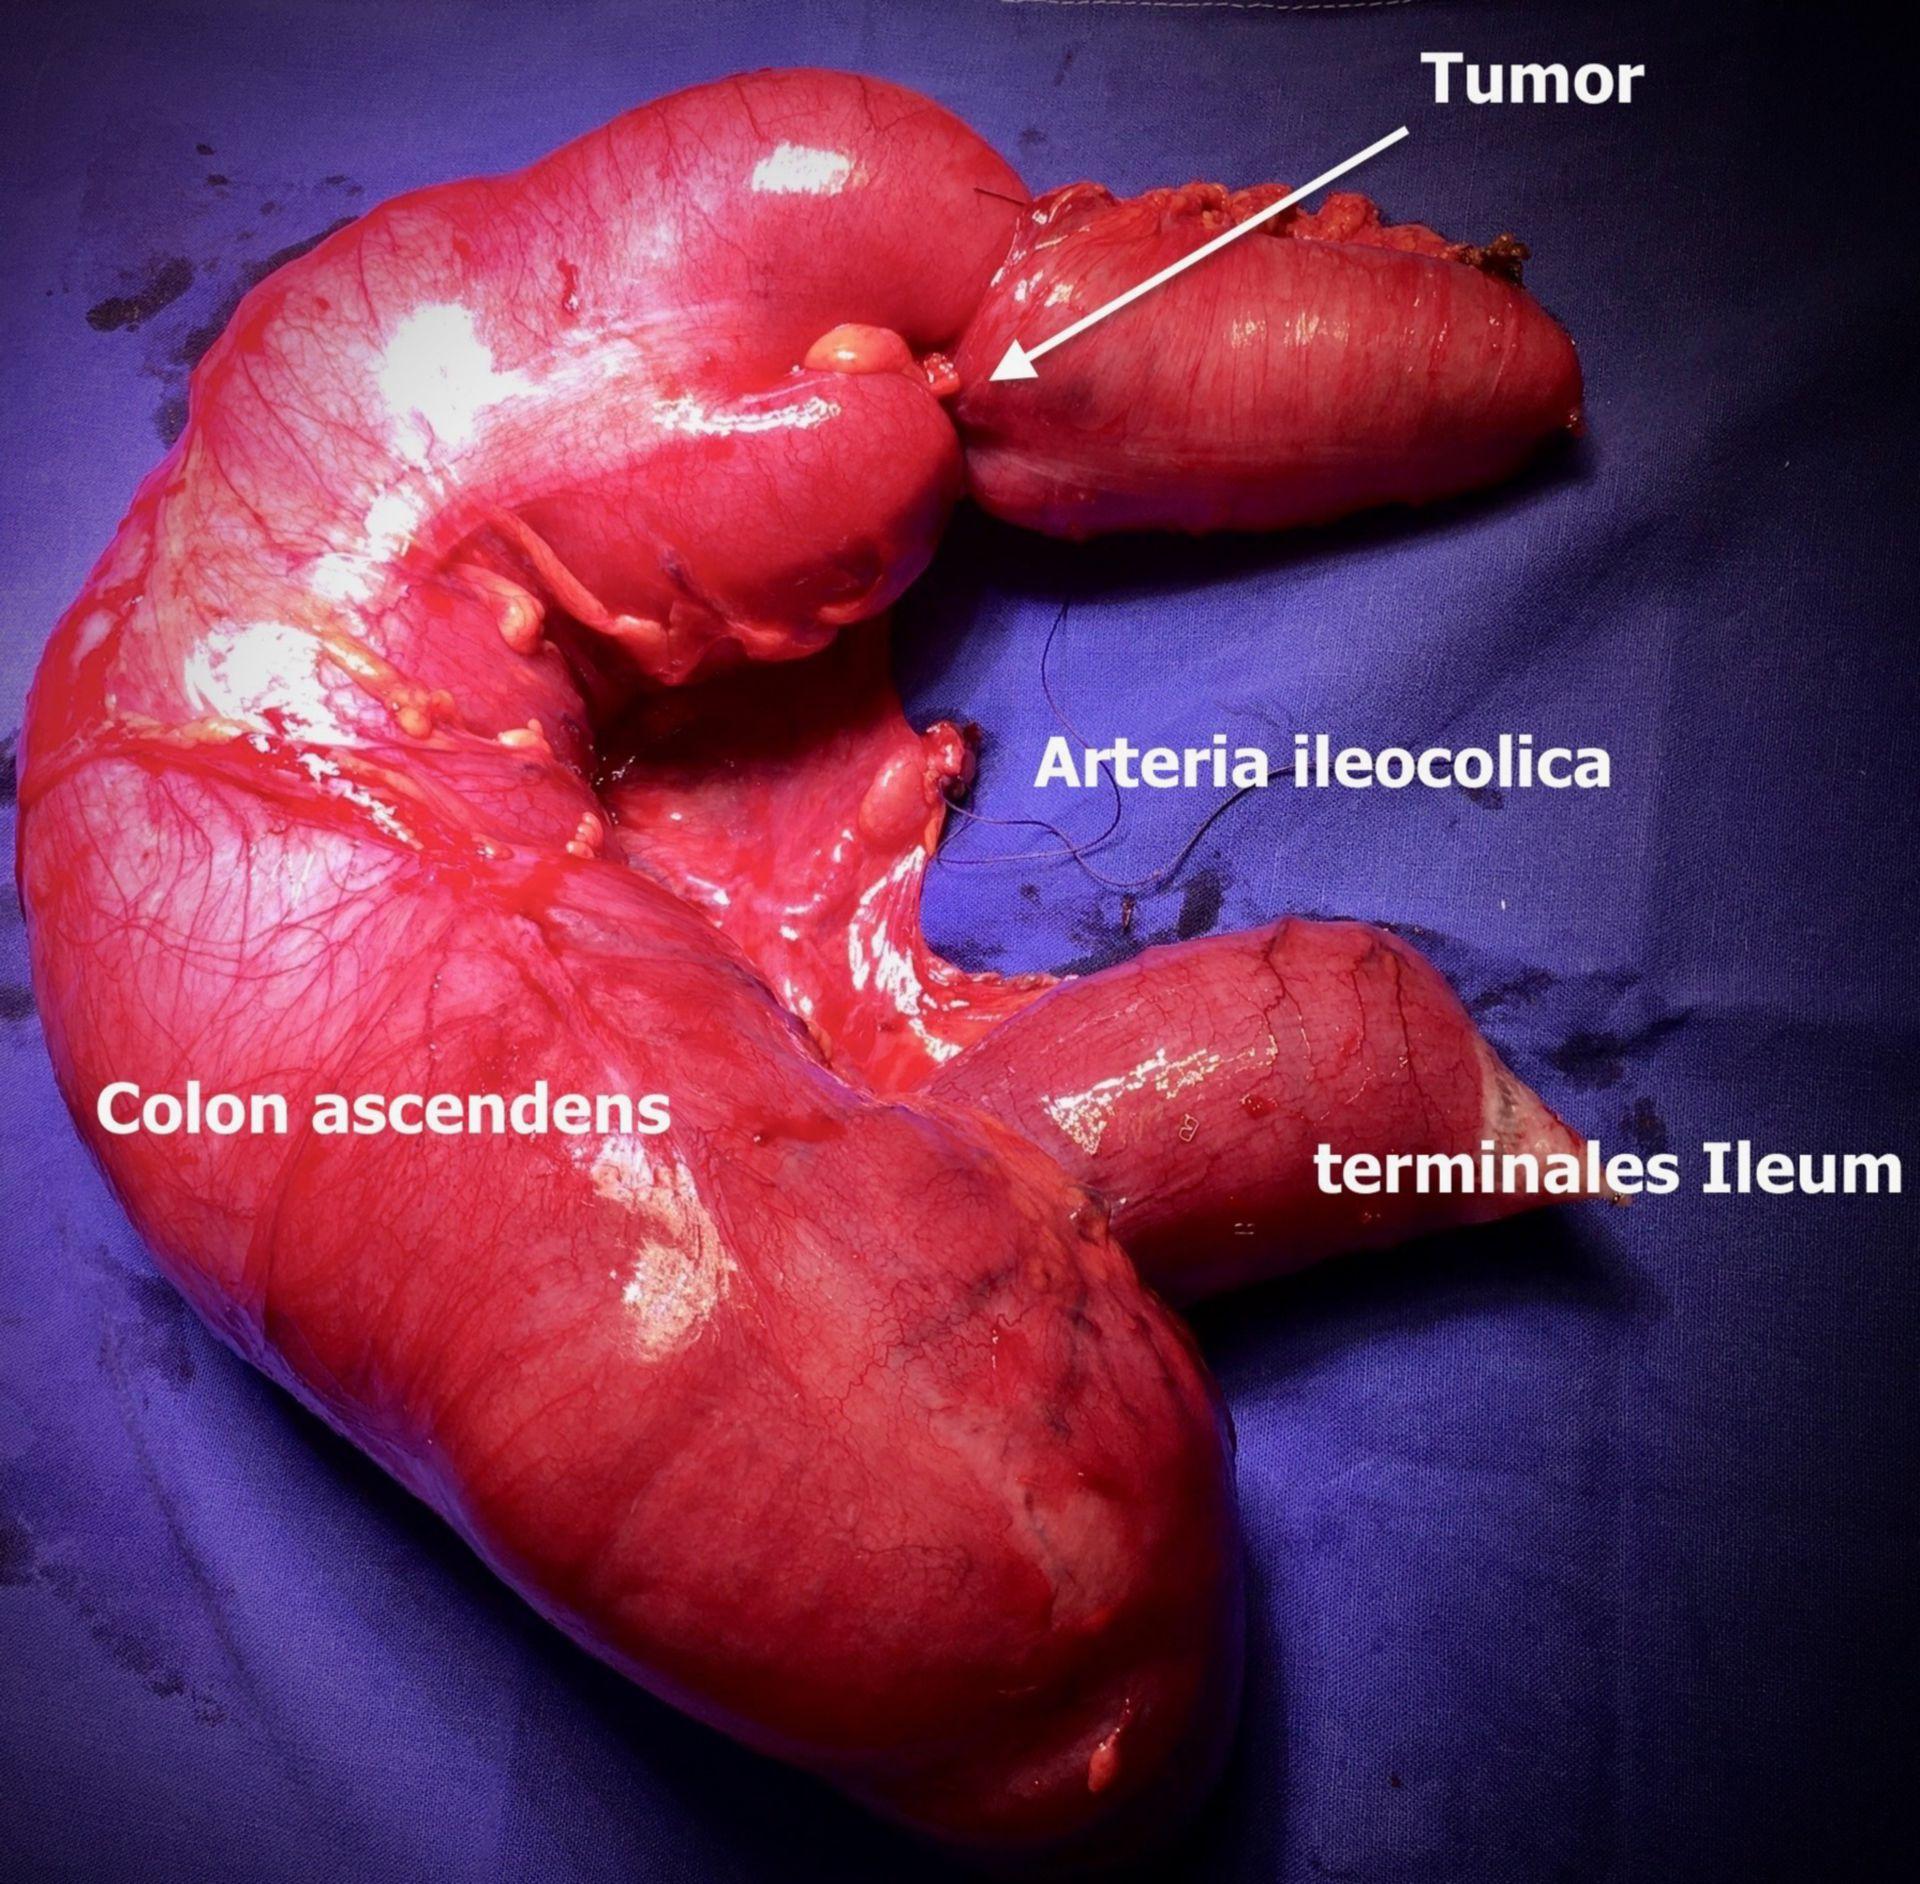 Hemikolektomie rechts bei Ca rechte Flexur